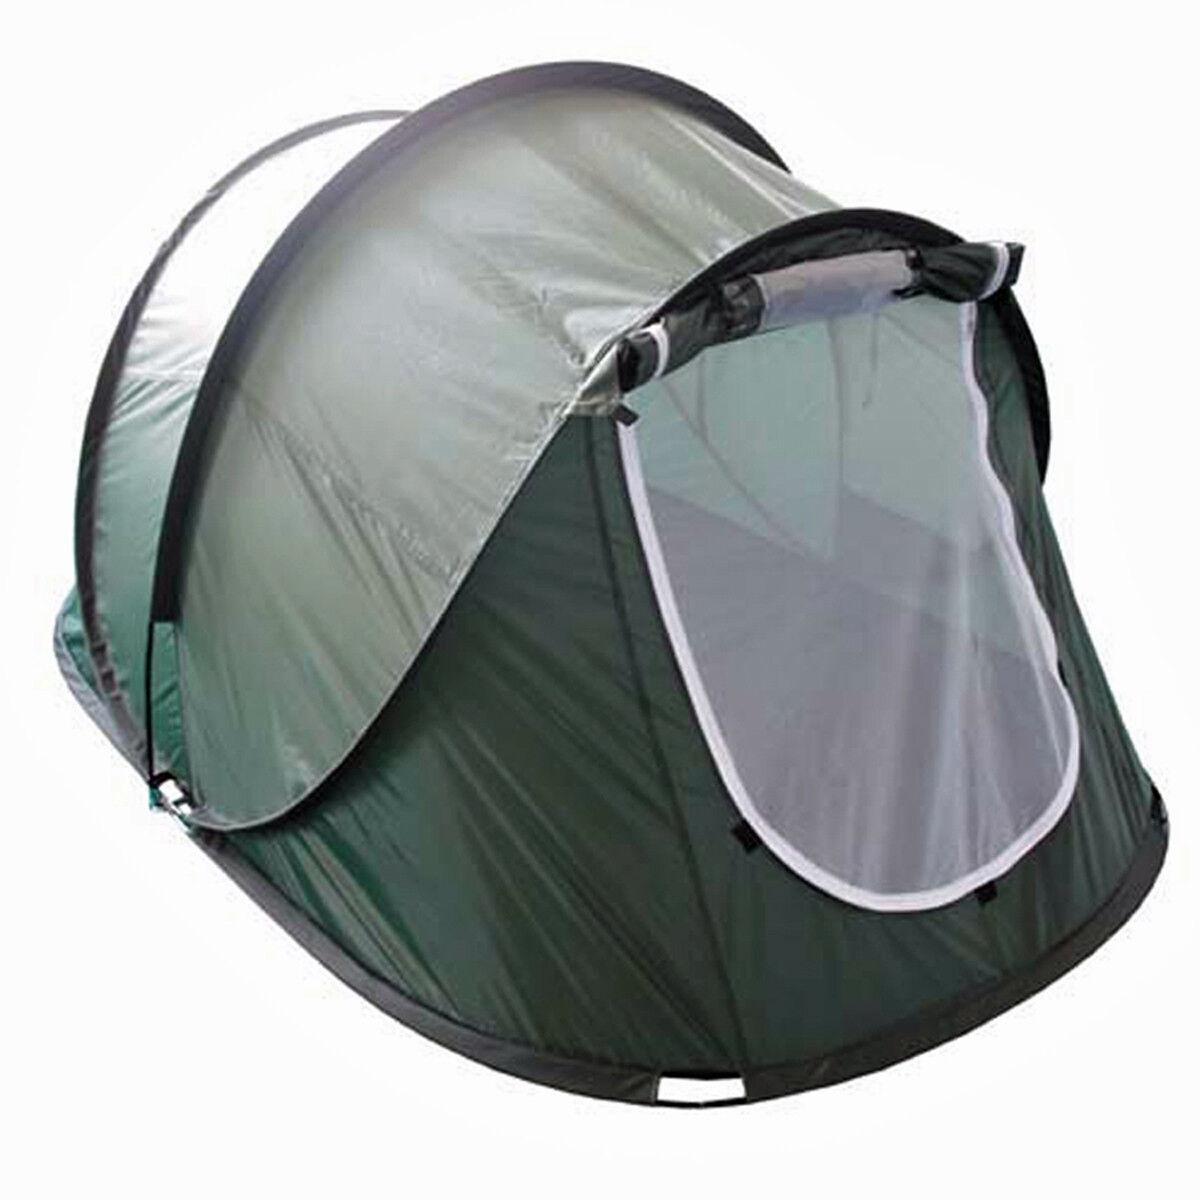 MFH 2 Personen Wurfzelt Camping Zweimannzelt oliv Pop-up Tent 220 x 145 x 110 cm